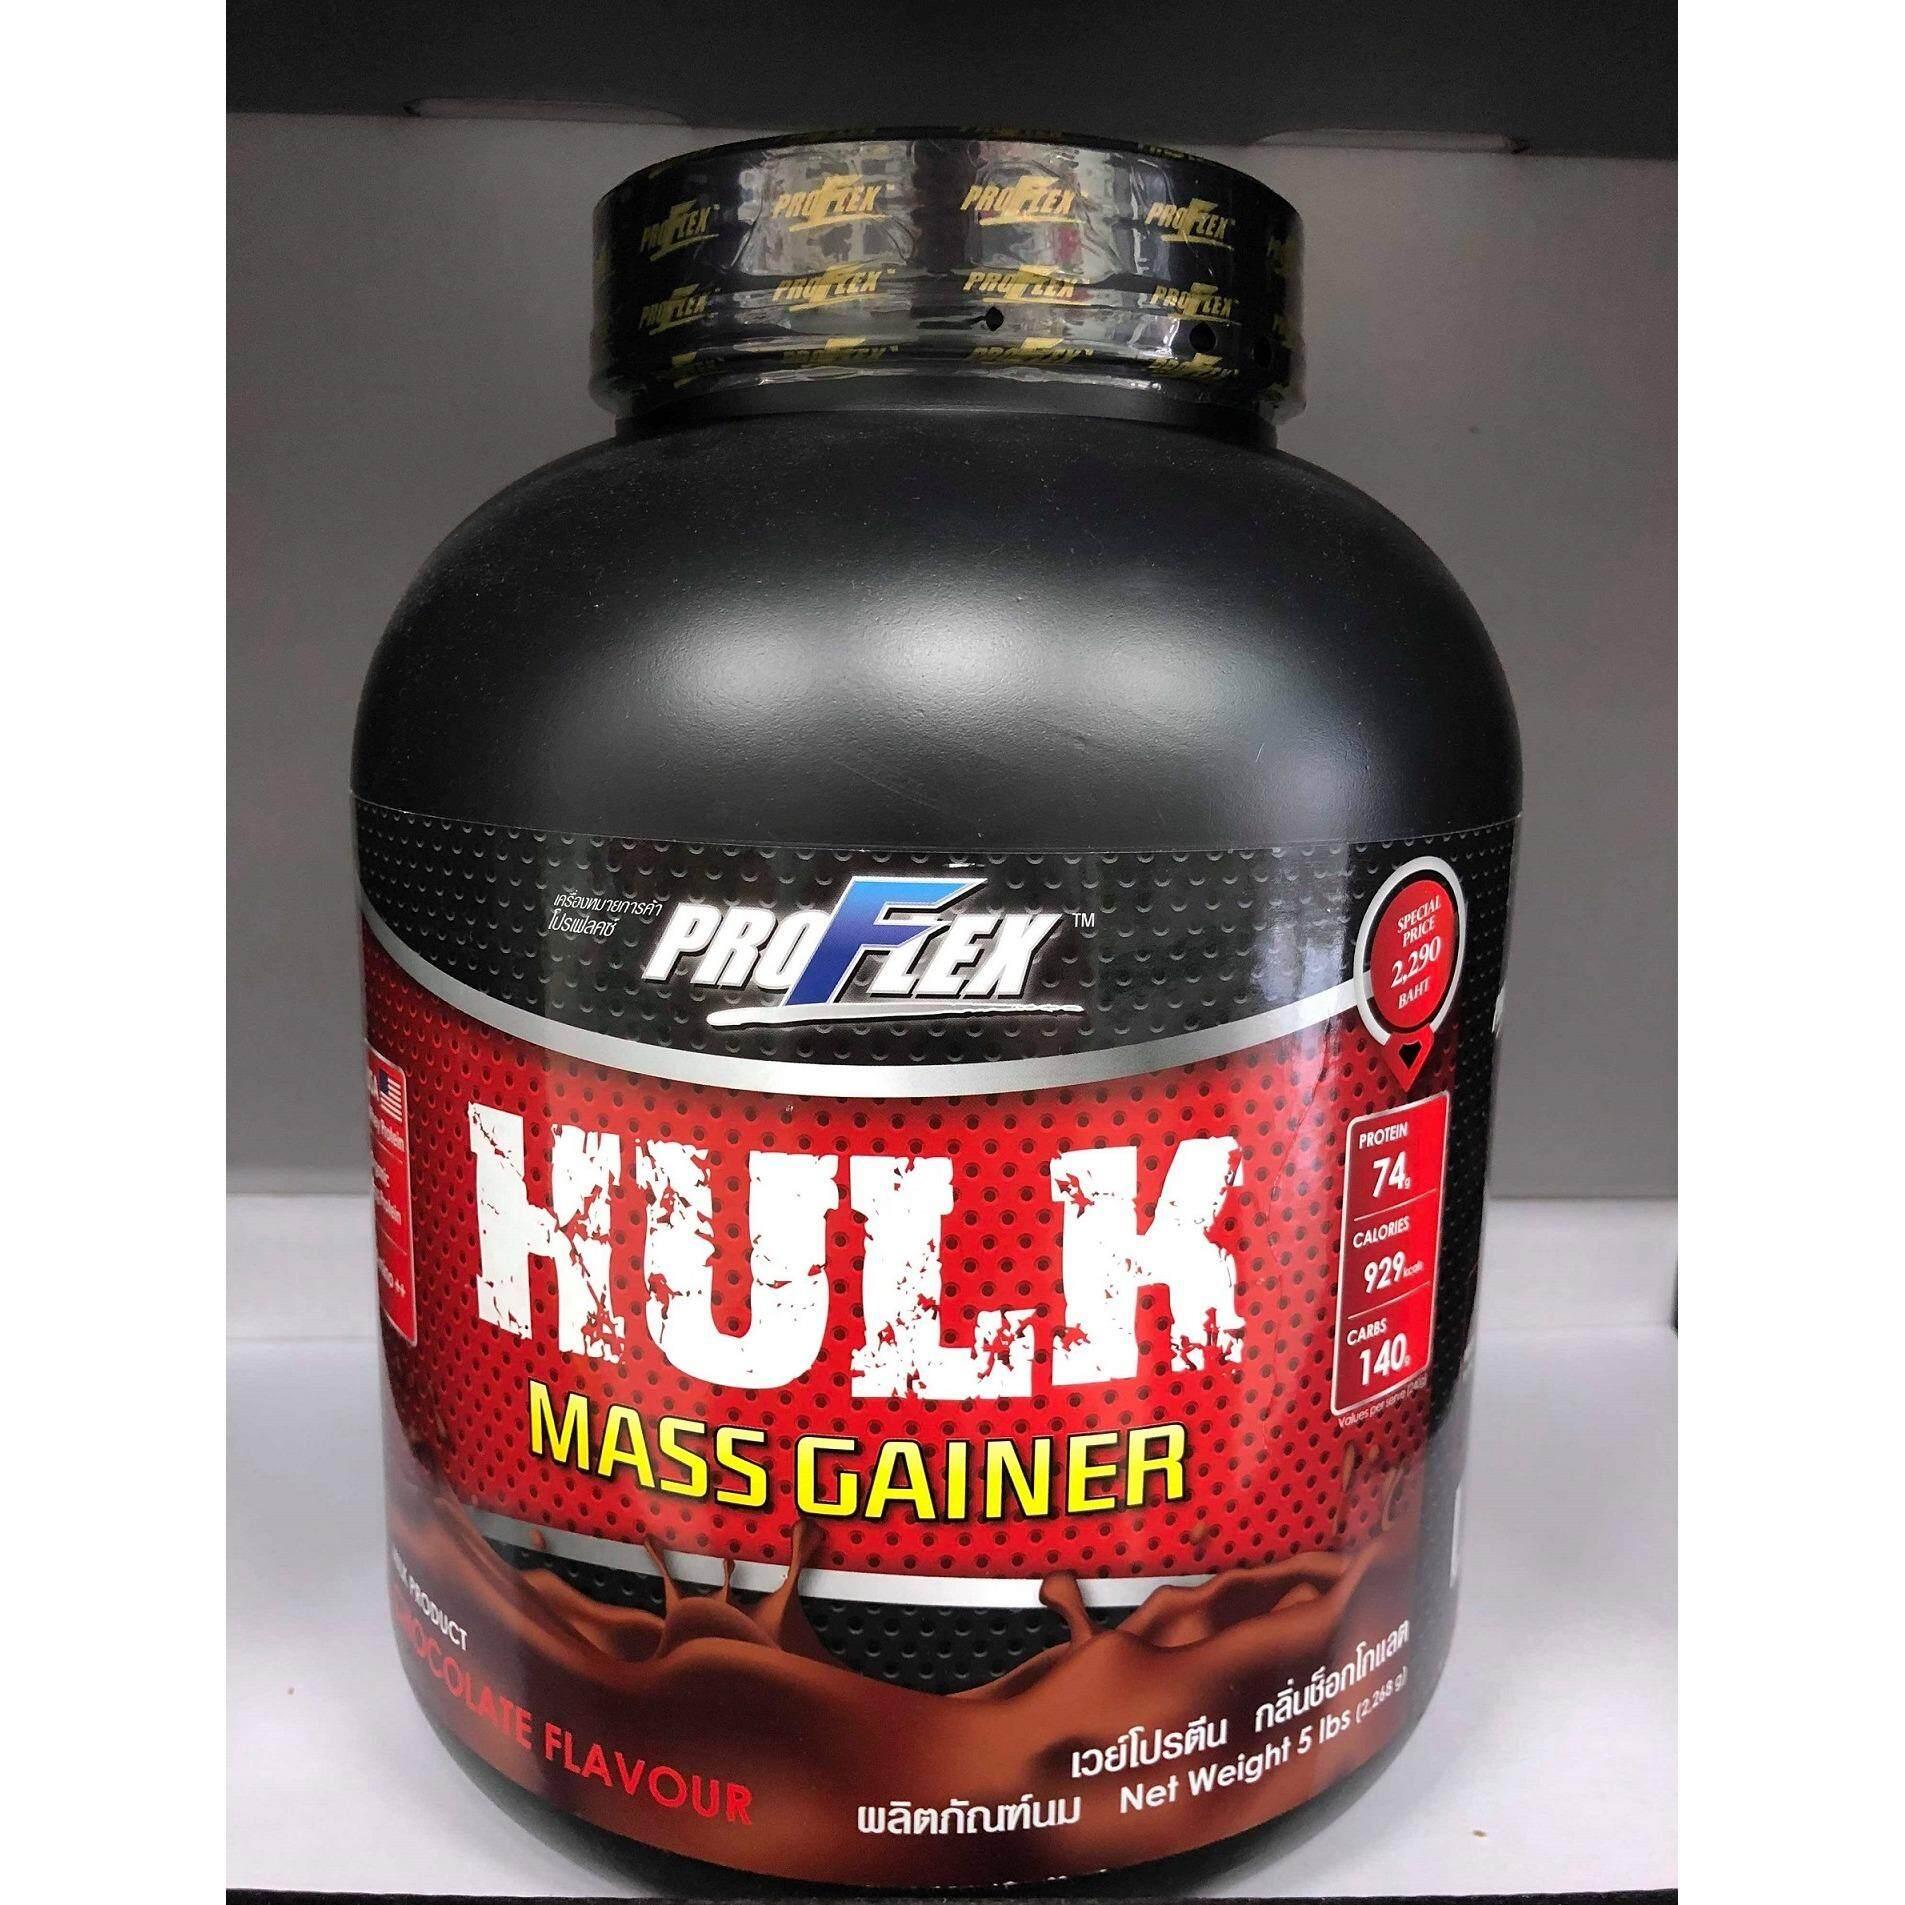 [ส่งฟรี]ProFlex Hulk Mass Gainer Chocolate (5 lbs.=2.268kg) สูตรเพิ่มน้ำหนัก 1กระป๋อง